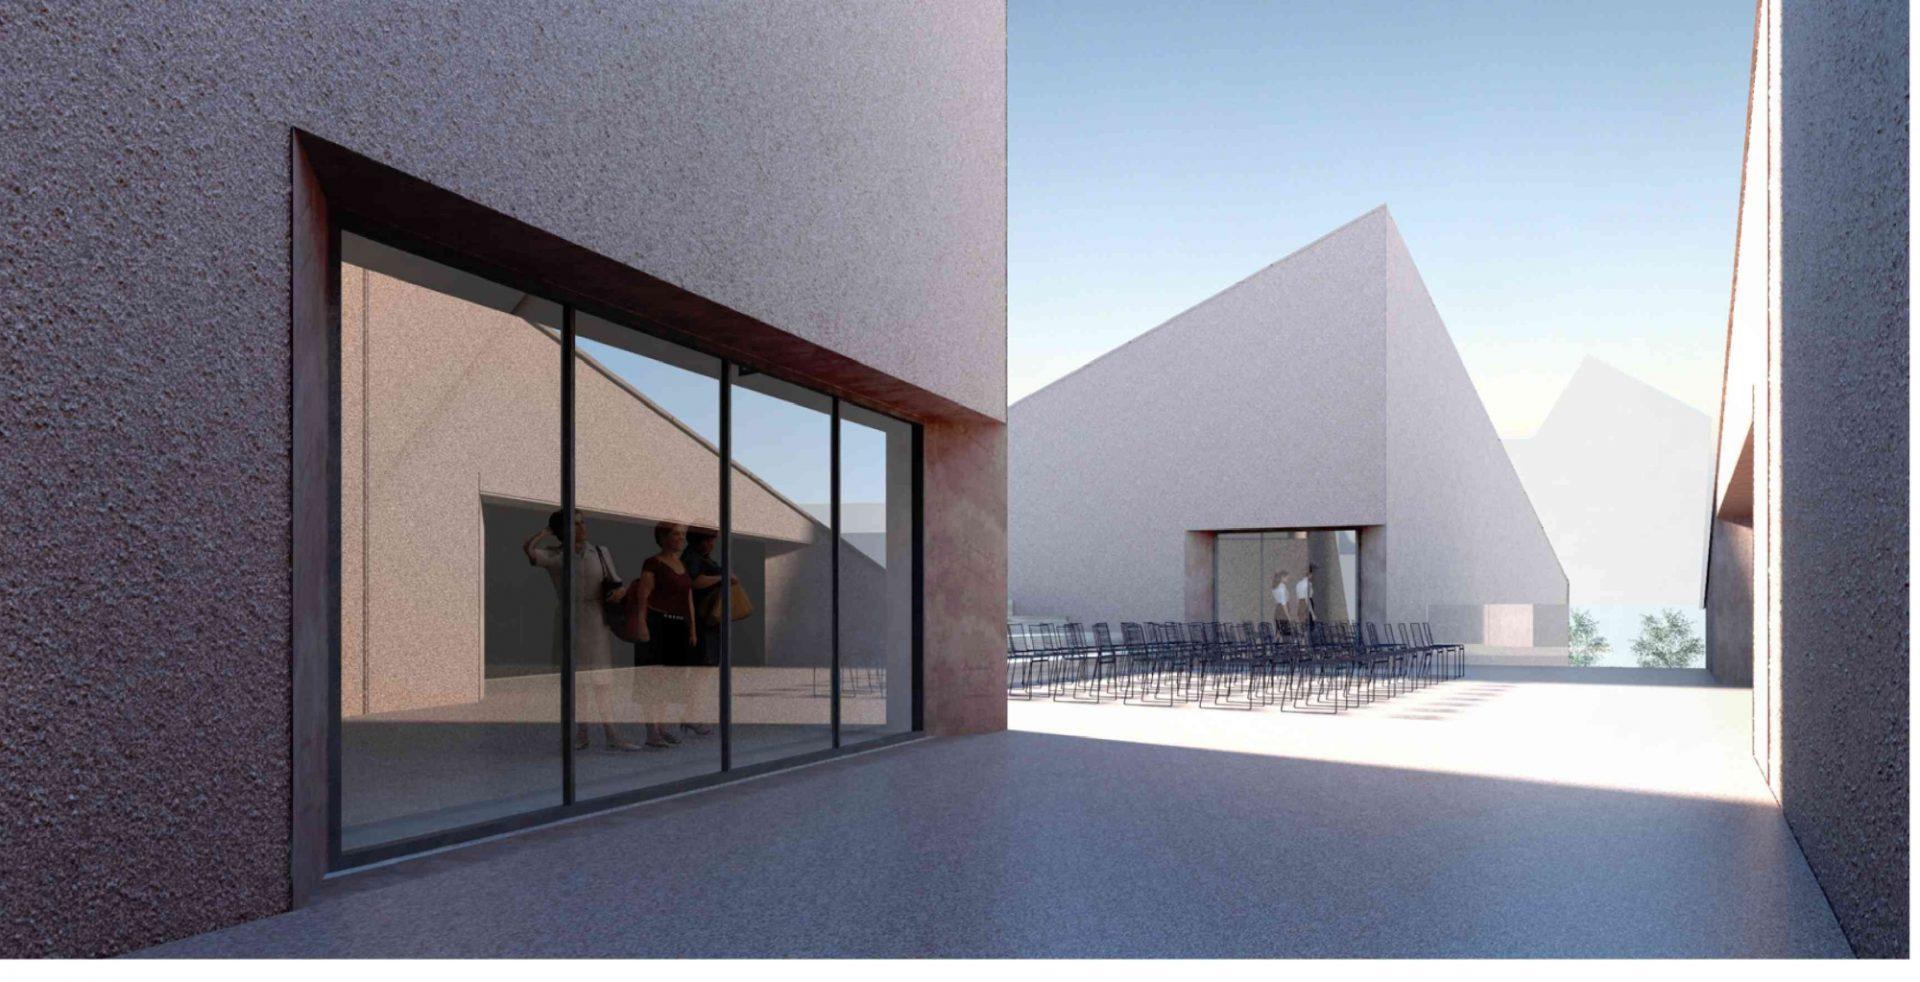 nowa biblioteka naPrawobrzeżu